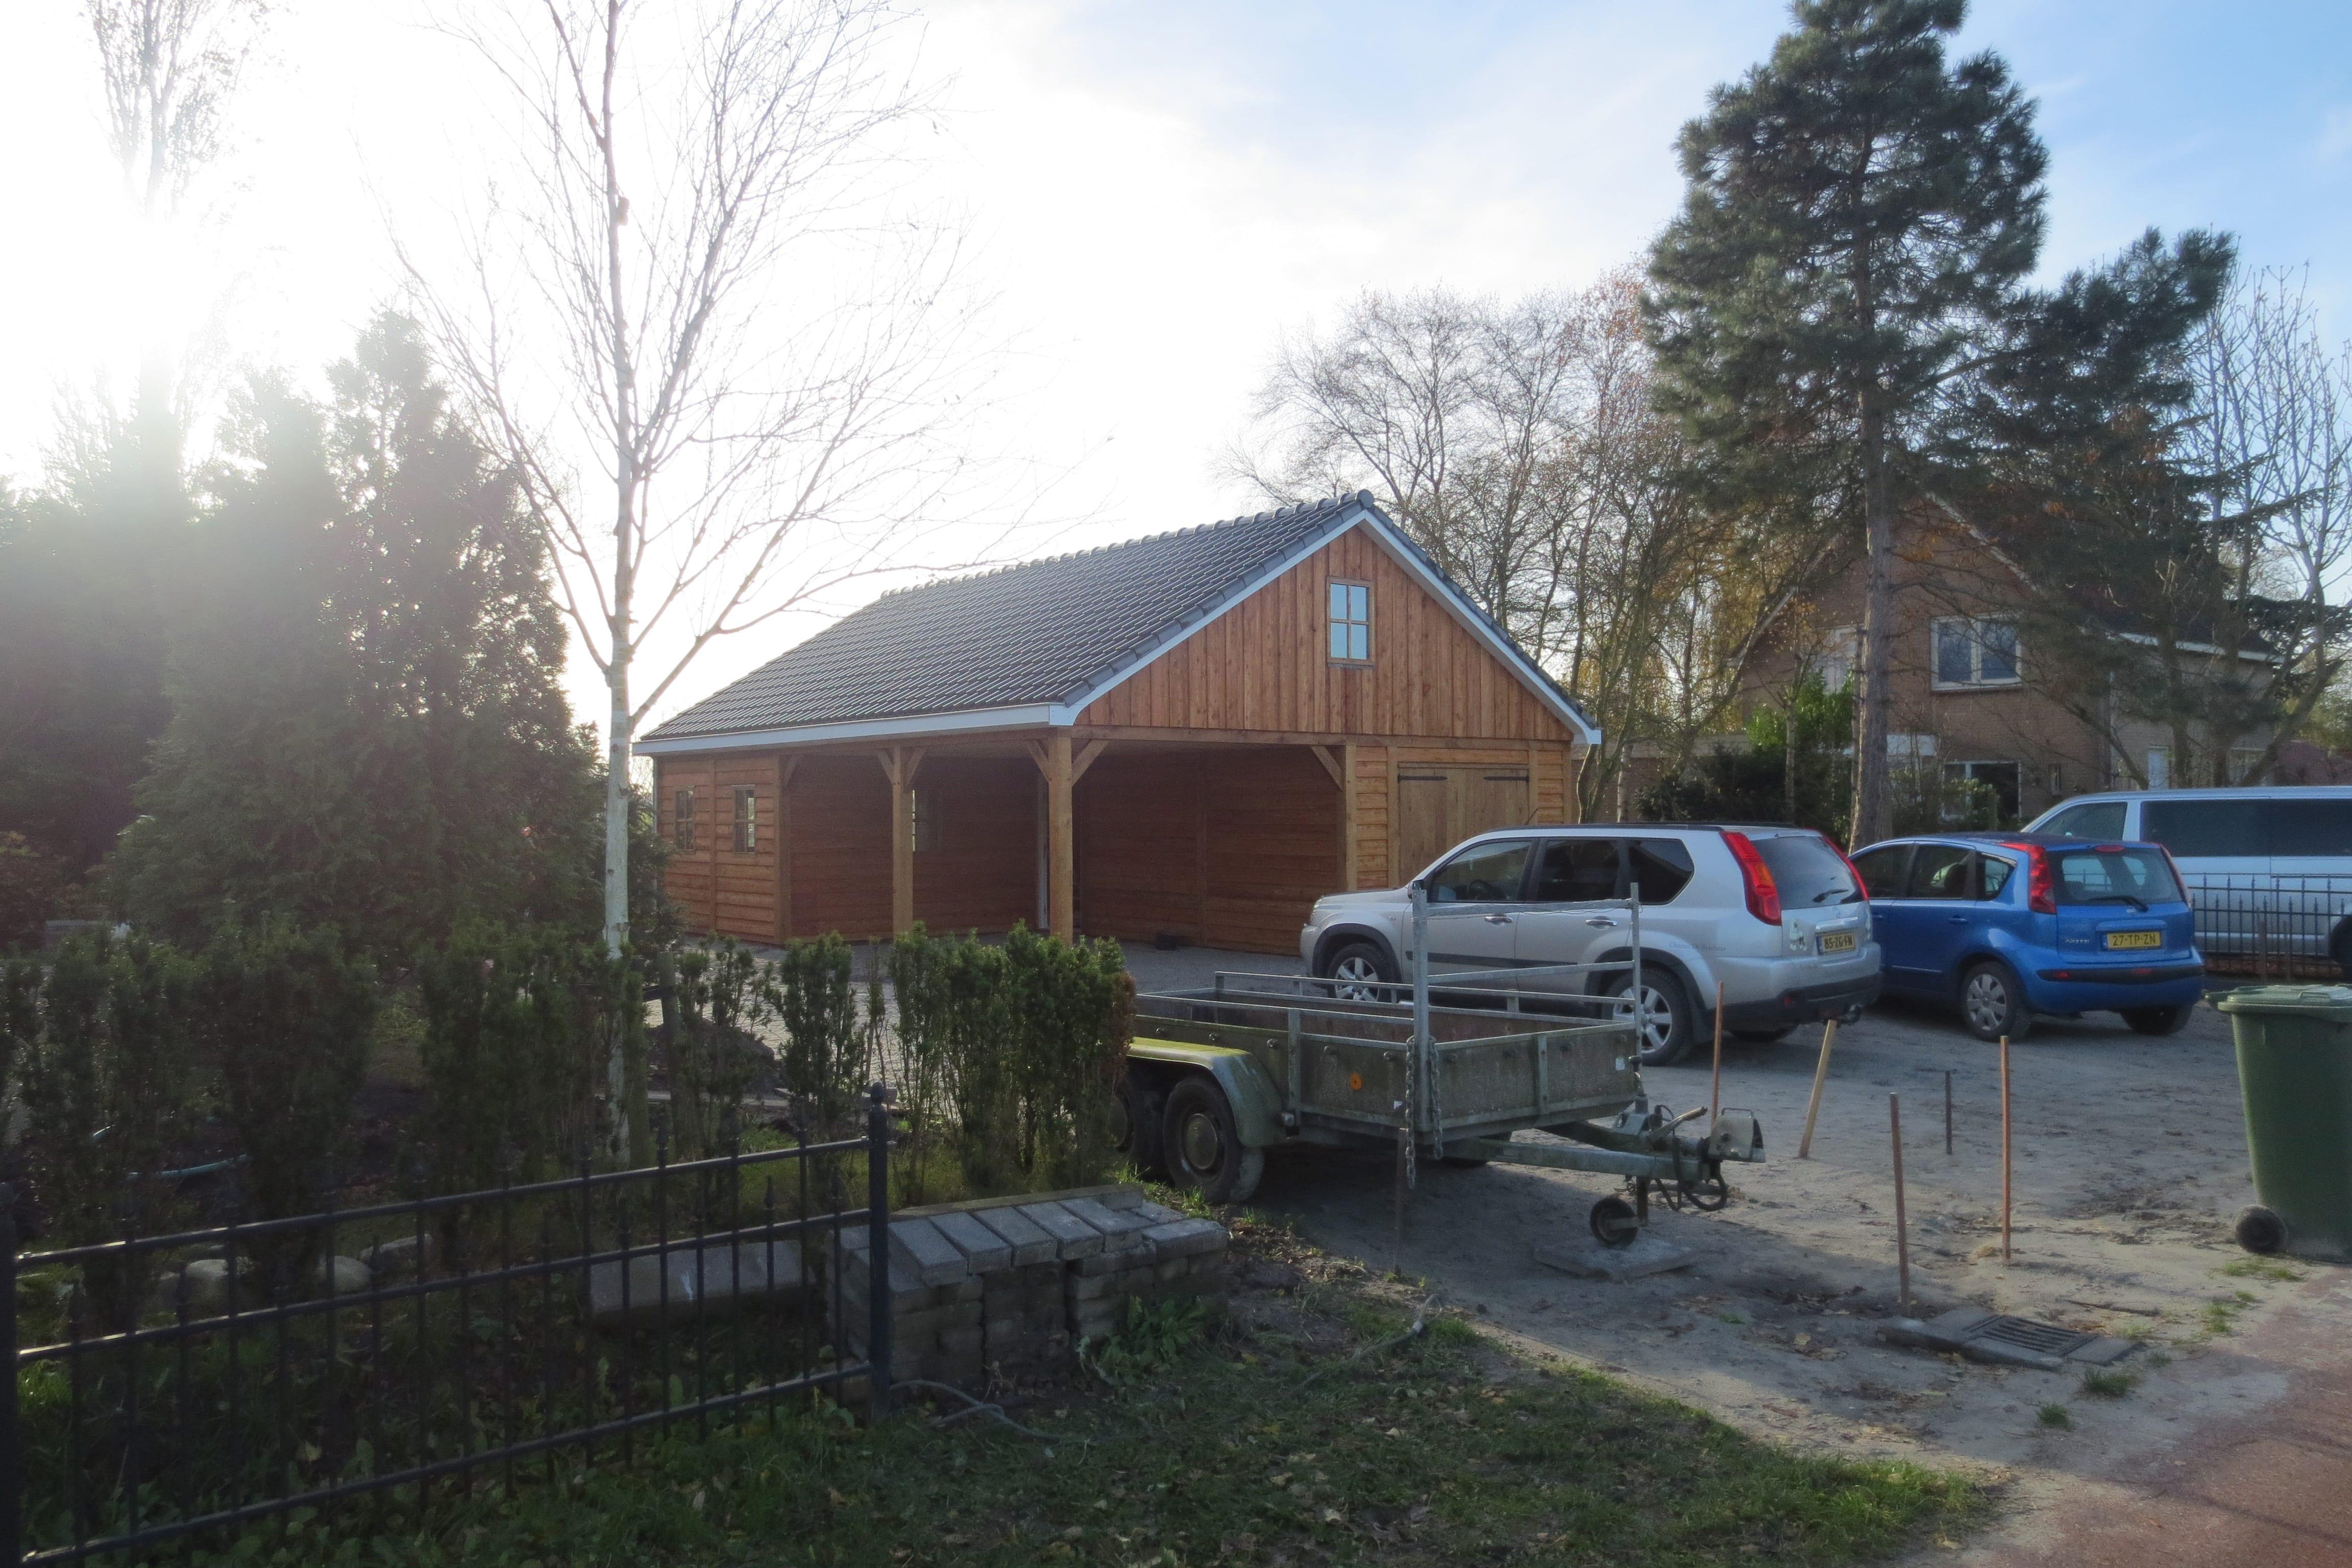 houten-garage-met-carport-11 - Project Enkhuizen: Houten garage met carport